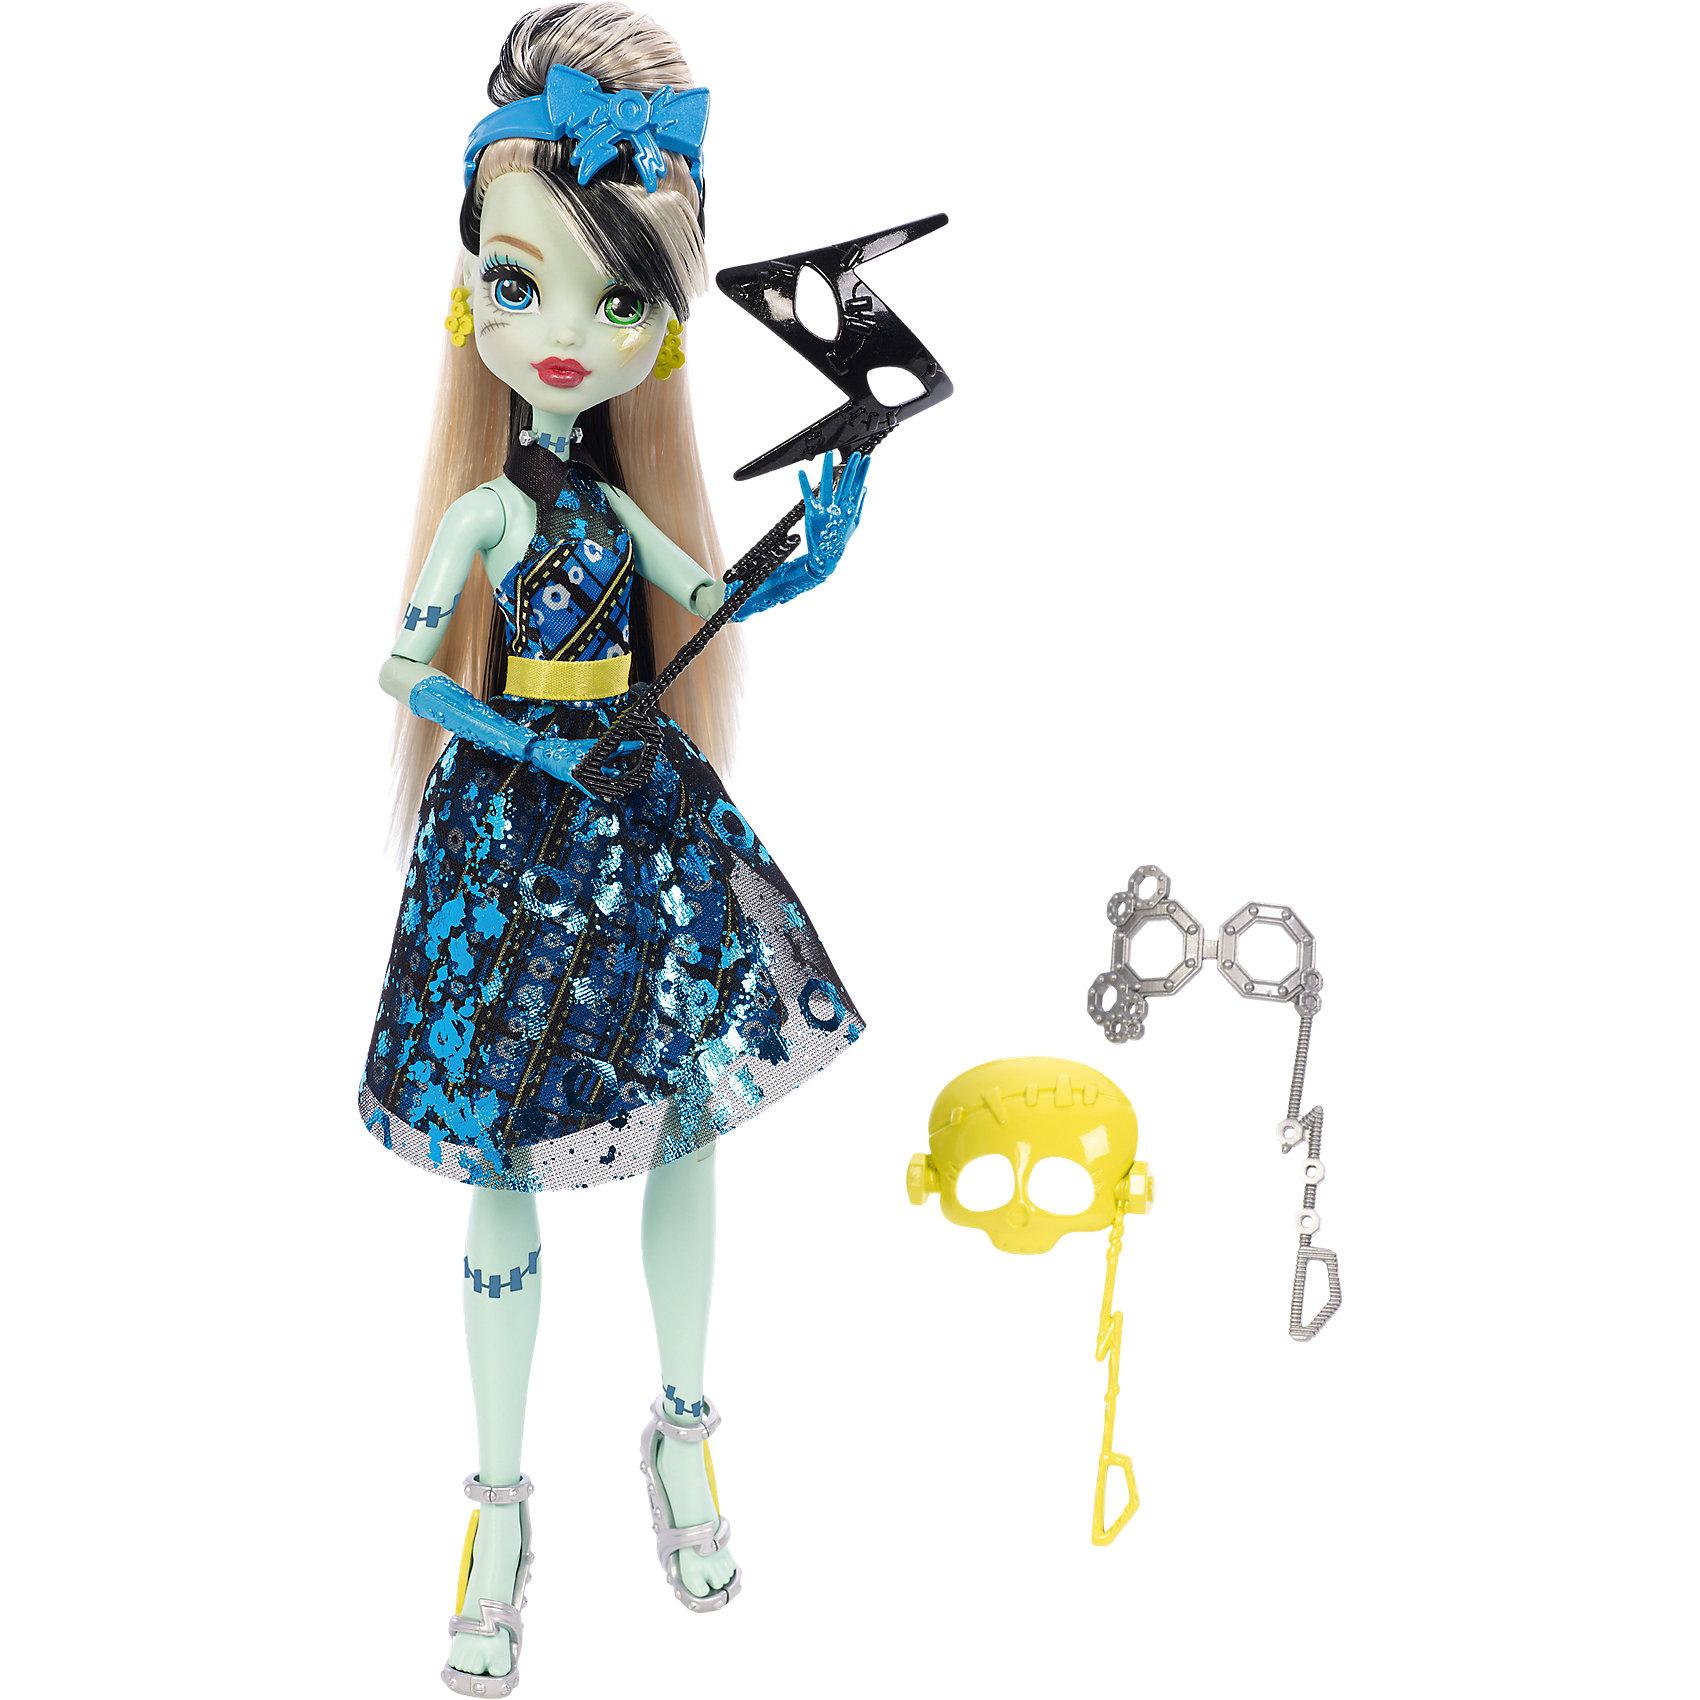 Кукла Фрэнки Штейн из серии Буникальные танцы с аксессуарами, Monster HighMonster High<br>Кукла Фрэнки Штэйн выглядит потрясающе в своем вечернем платье! С собой она взяла 3 маски-аксессуара для настоящей фотосессии. Кукла одета в пышное блестящее платье. Голова украшена ободком с бантиком в форме молнии. Стильные туфельки с молниями, колье и сережки  прекрасно дополняют необычный образ Фрэнки Штэйн.<br><br>Дополнительная информация:<br>Материал: пластик<br>Куклу Фрэнки Штэйн можно приобрести в нашем интернет-магазине.<br><br>Ширина мм: 328<br>Глубина мм: 205<br>Высота мм: 66<br>Вес г: 250<br>Возраст от месяцев: 72<br>Возраст до месяцев: 120<br>Пол: Женский<br>Возраст: Детский<br>SKU: 4765374